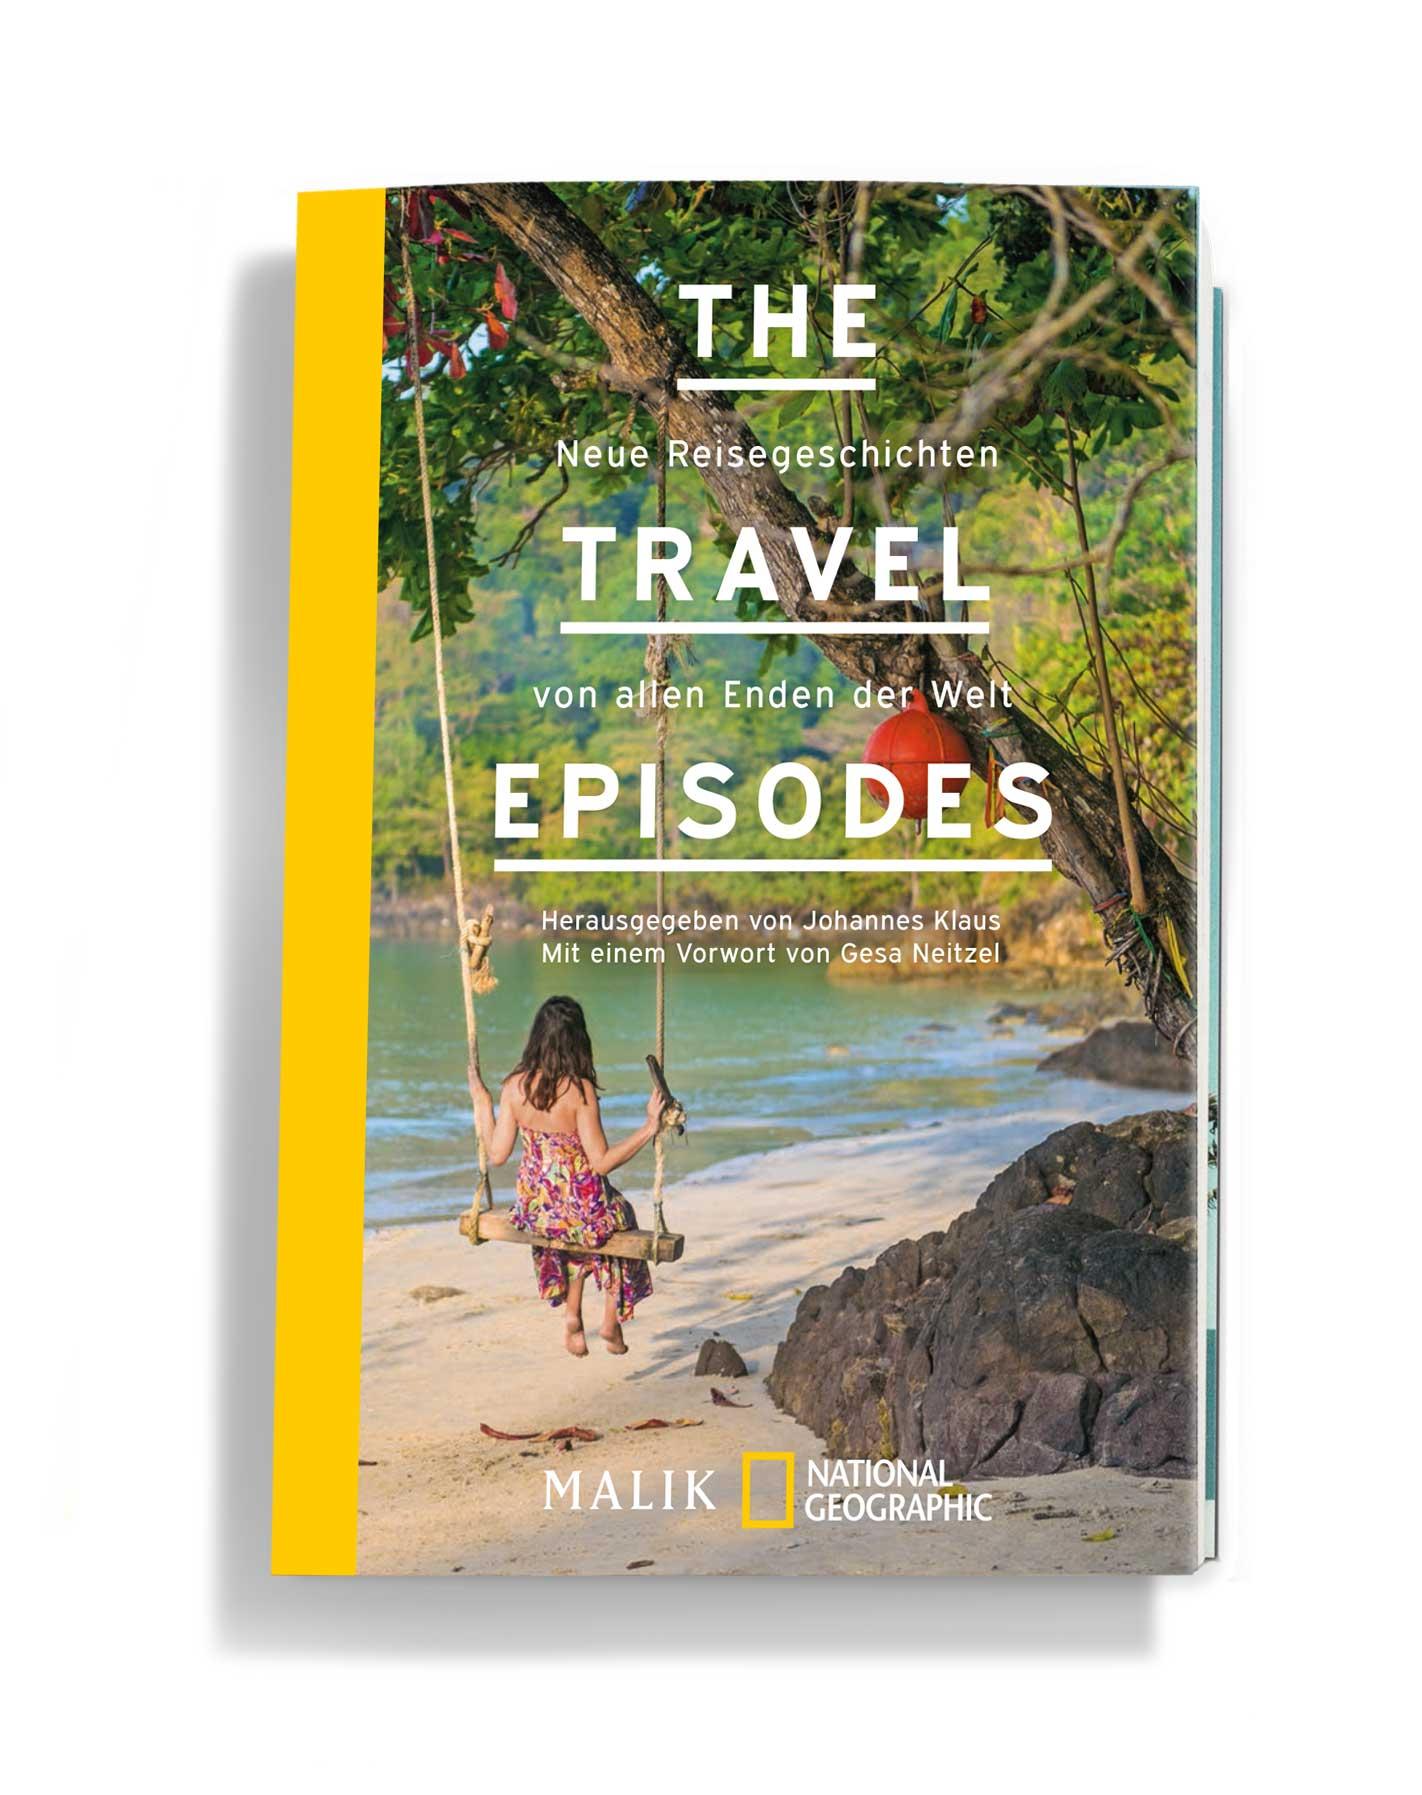 Travel Episodes - Das neue Buch